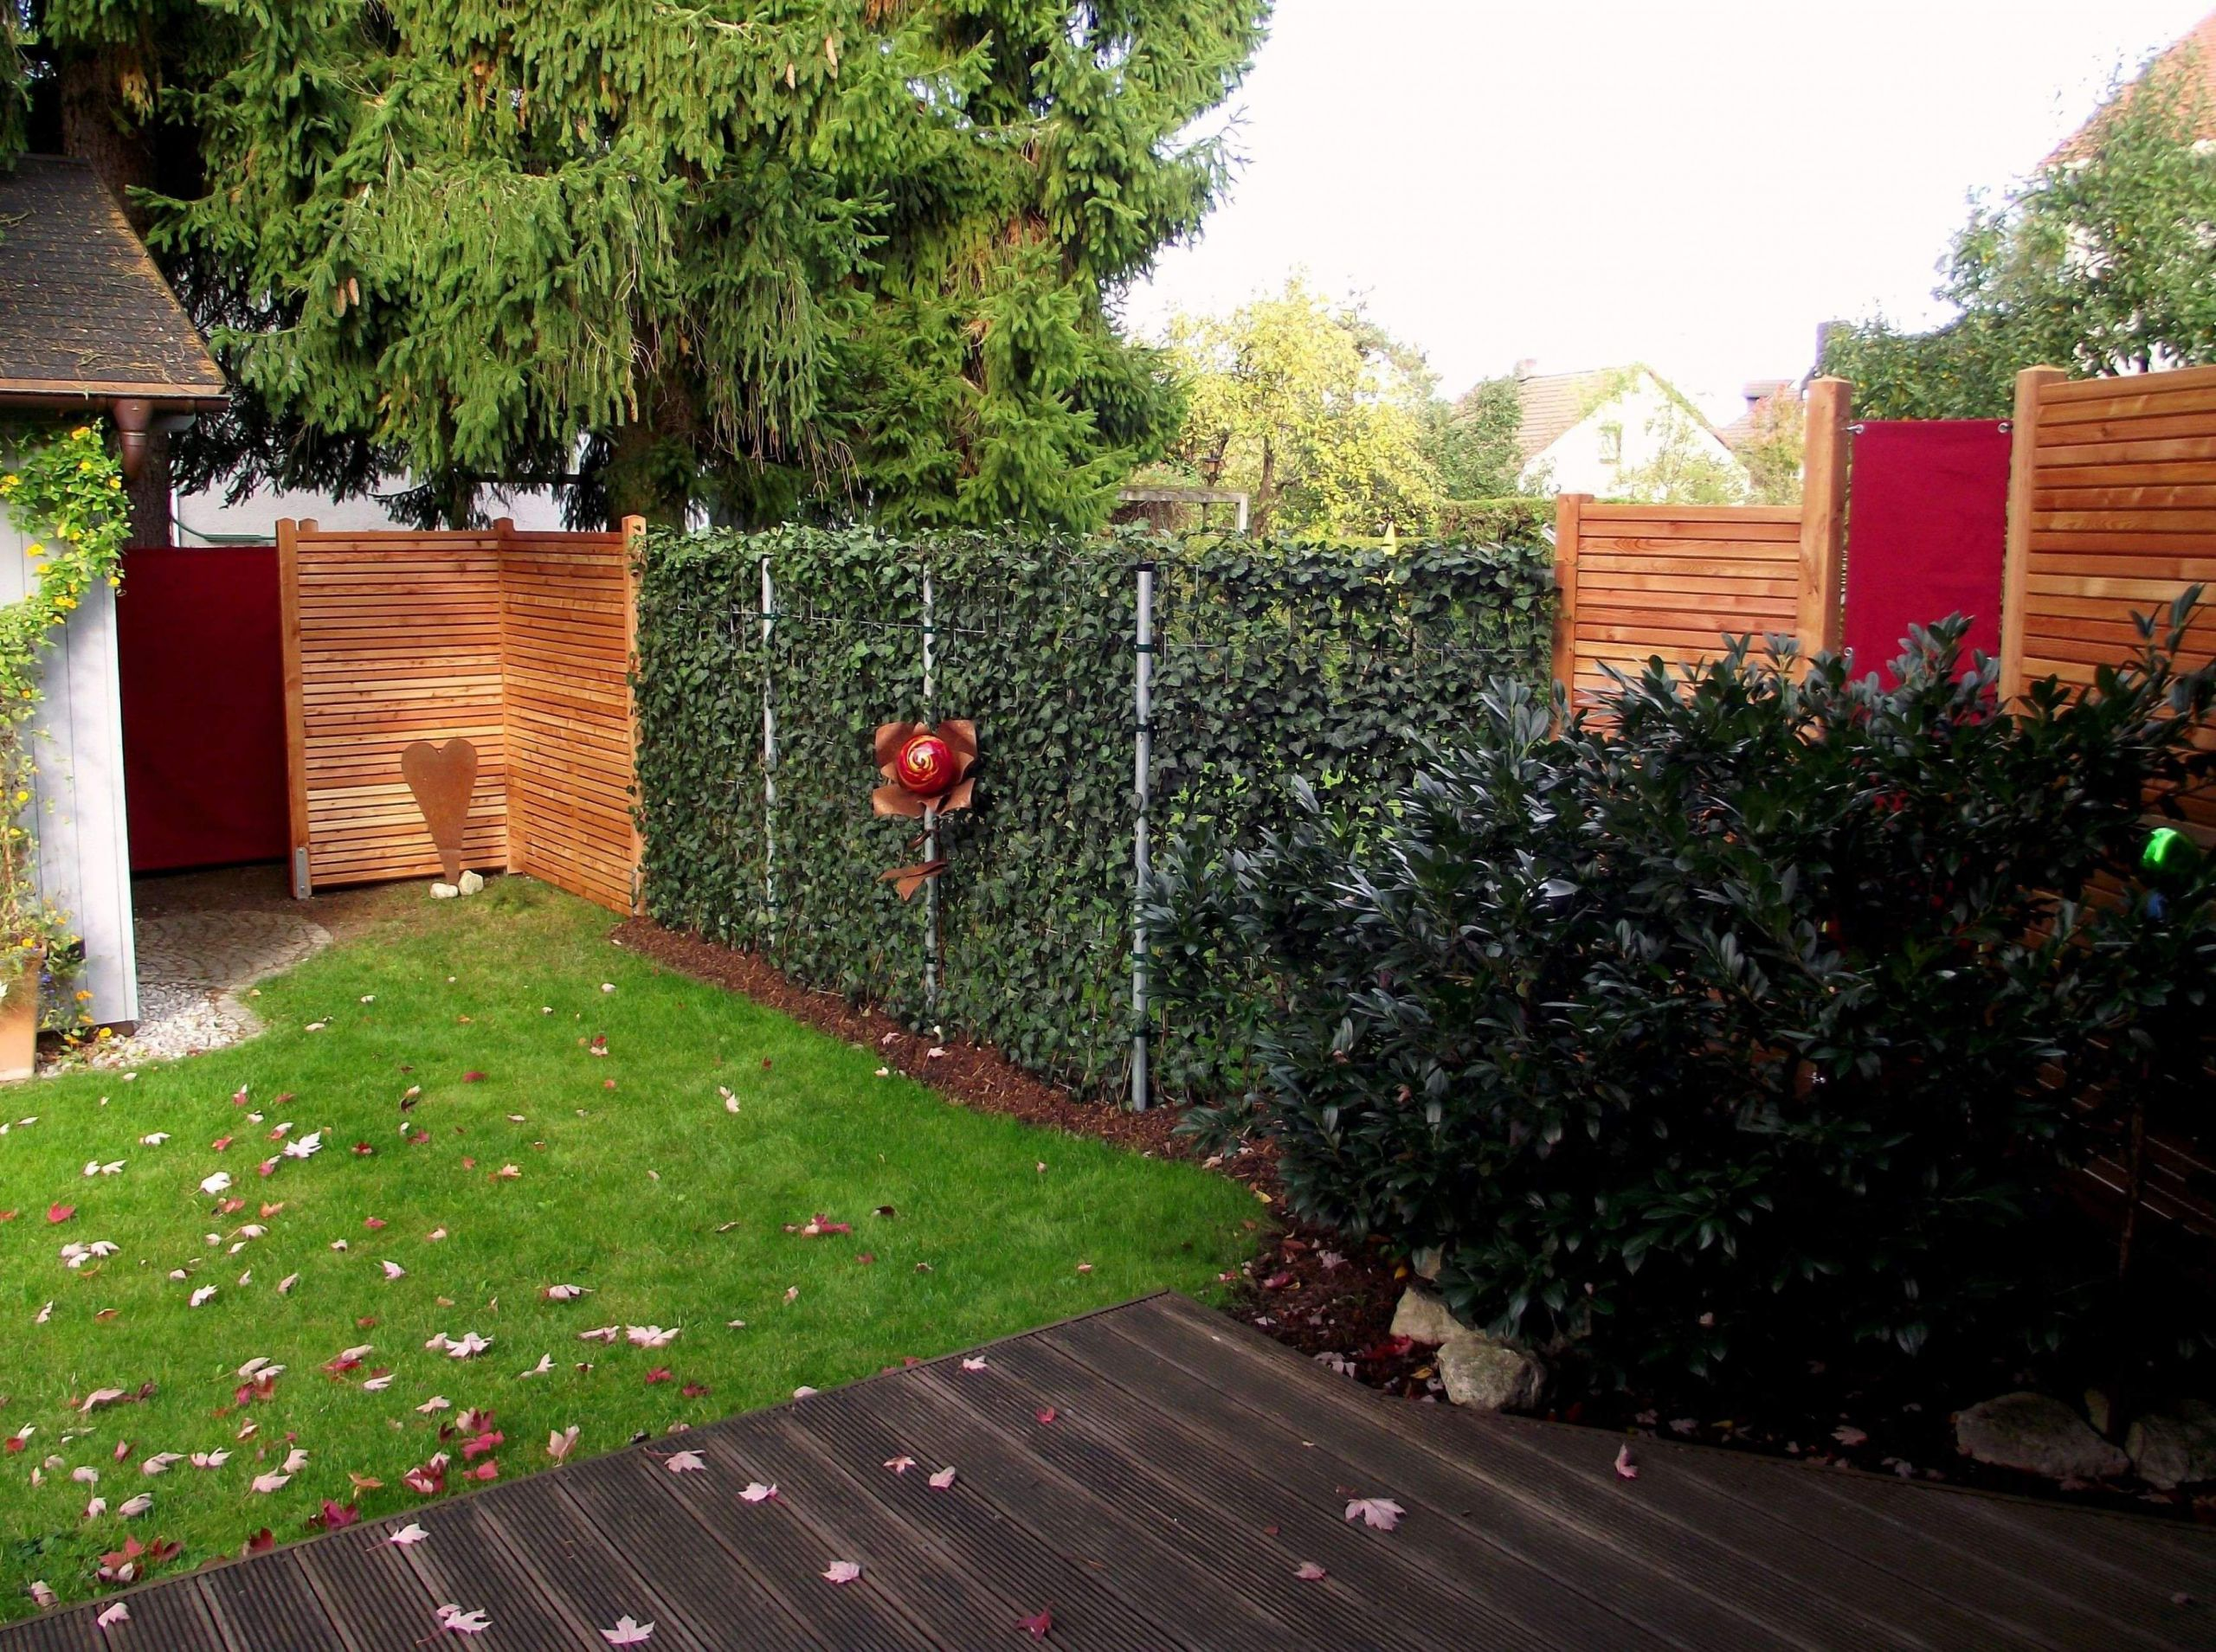 35 design fur terrasse sichtschutz pflanzen hohe pflanzen als sichtschutz hohe pflanzen als sichtschutz